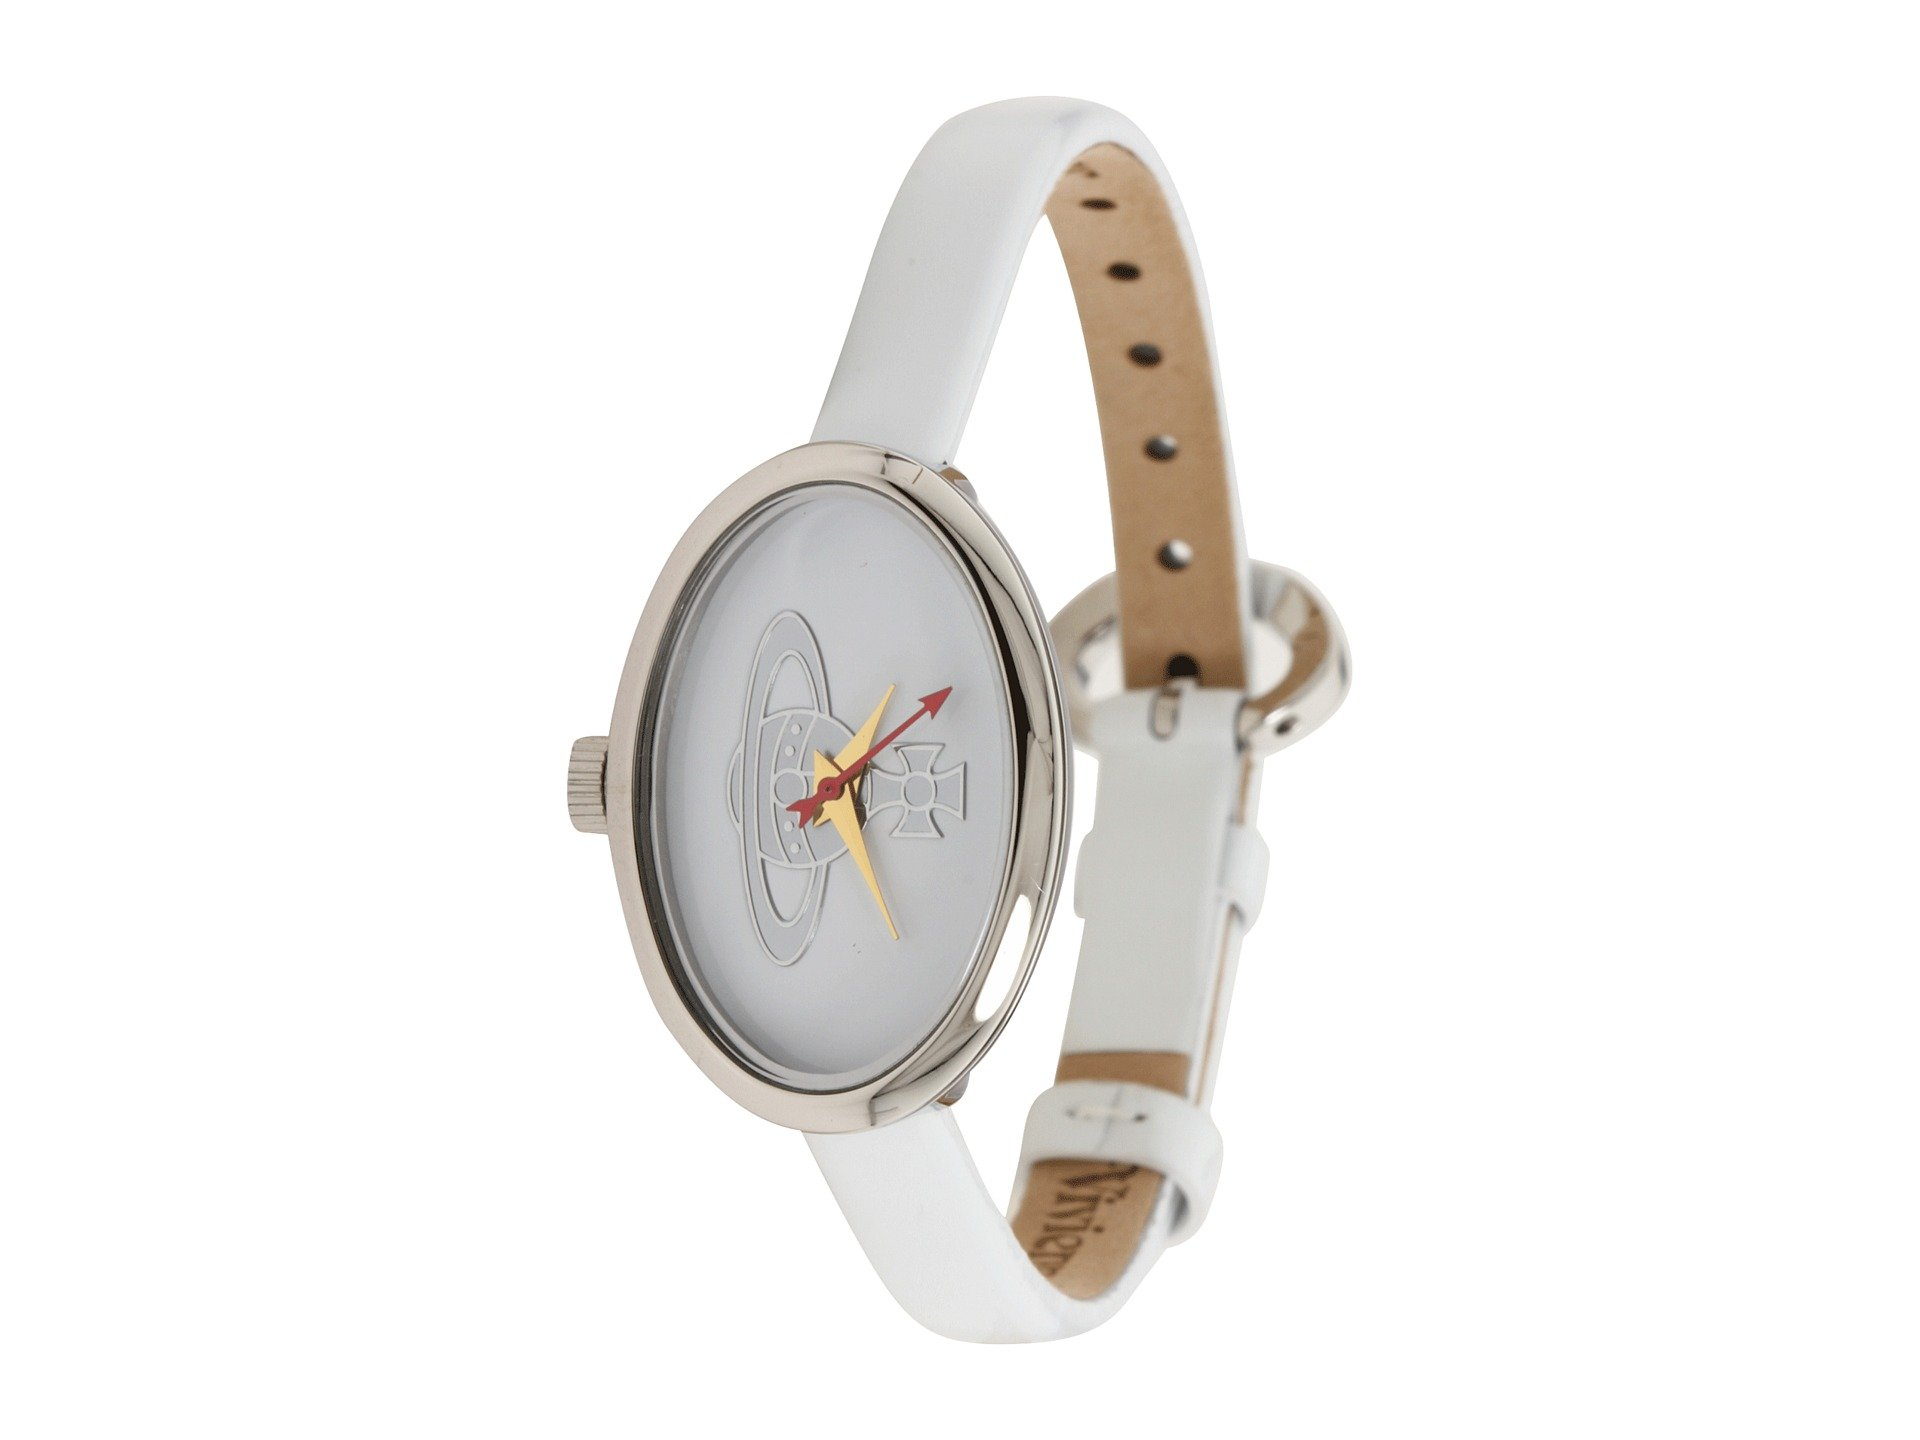 Reloj para Mujer Vivienne Westwood Medal Watch  + Vivienne Westwood en VeoyCompro.net